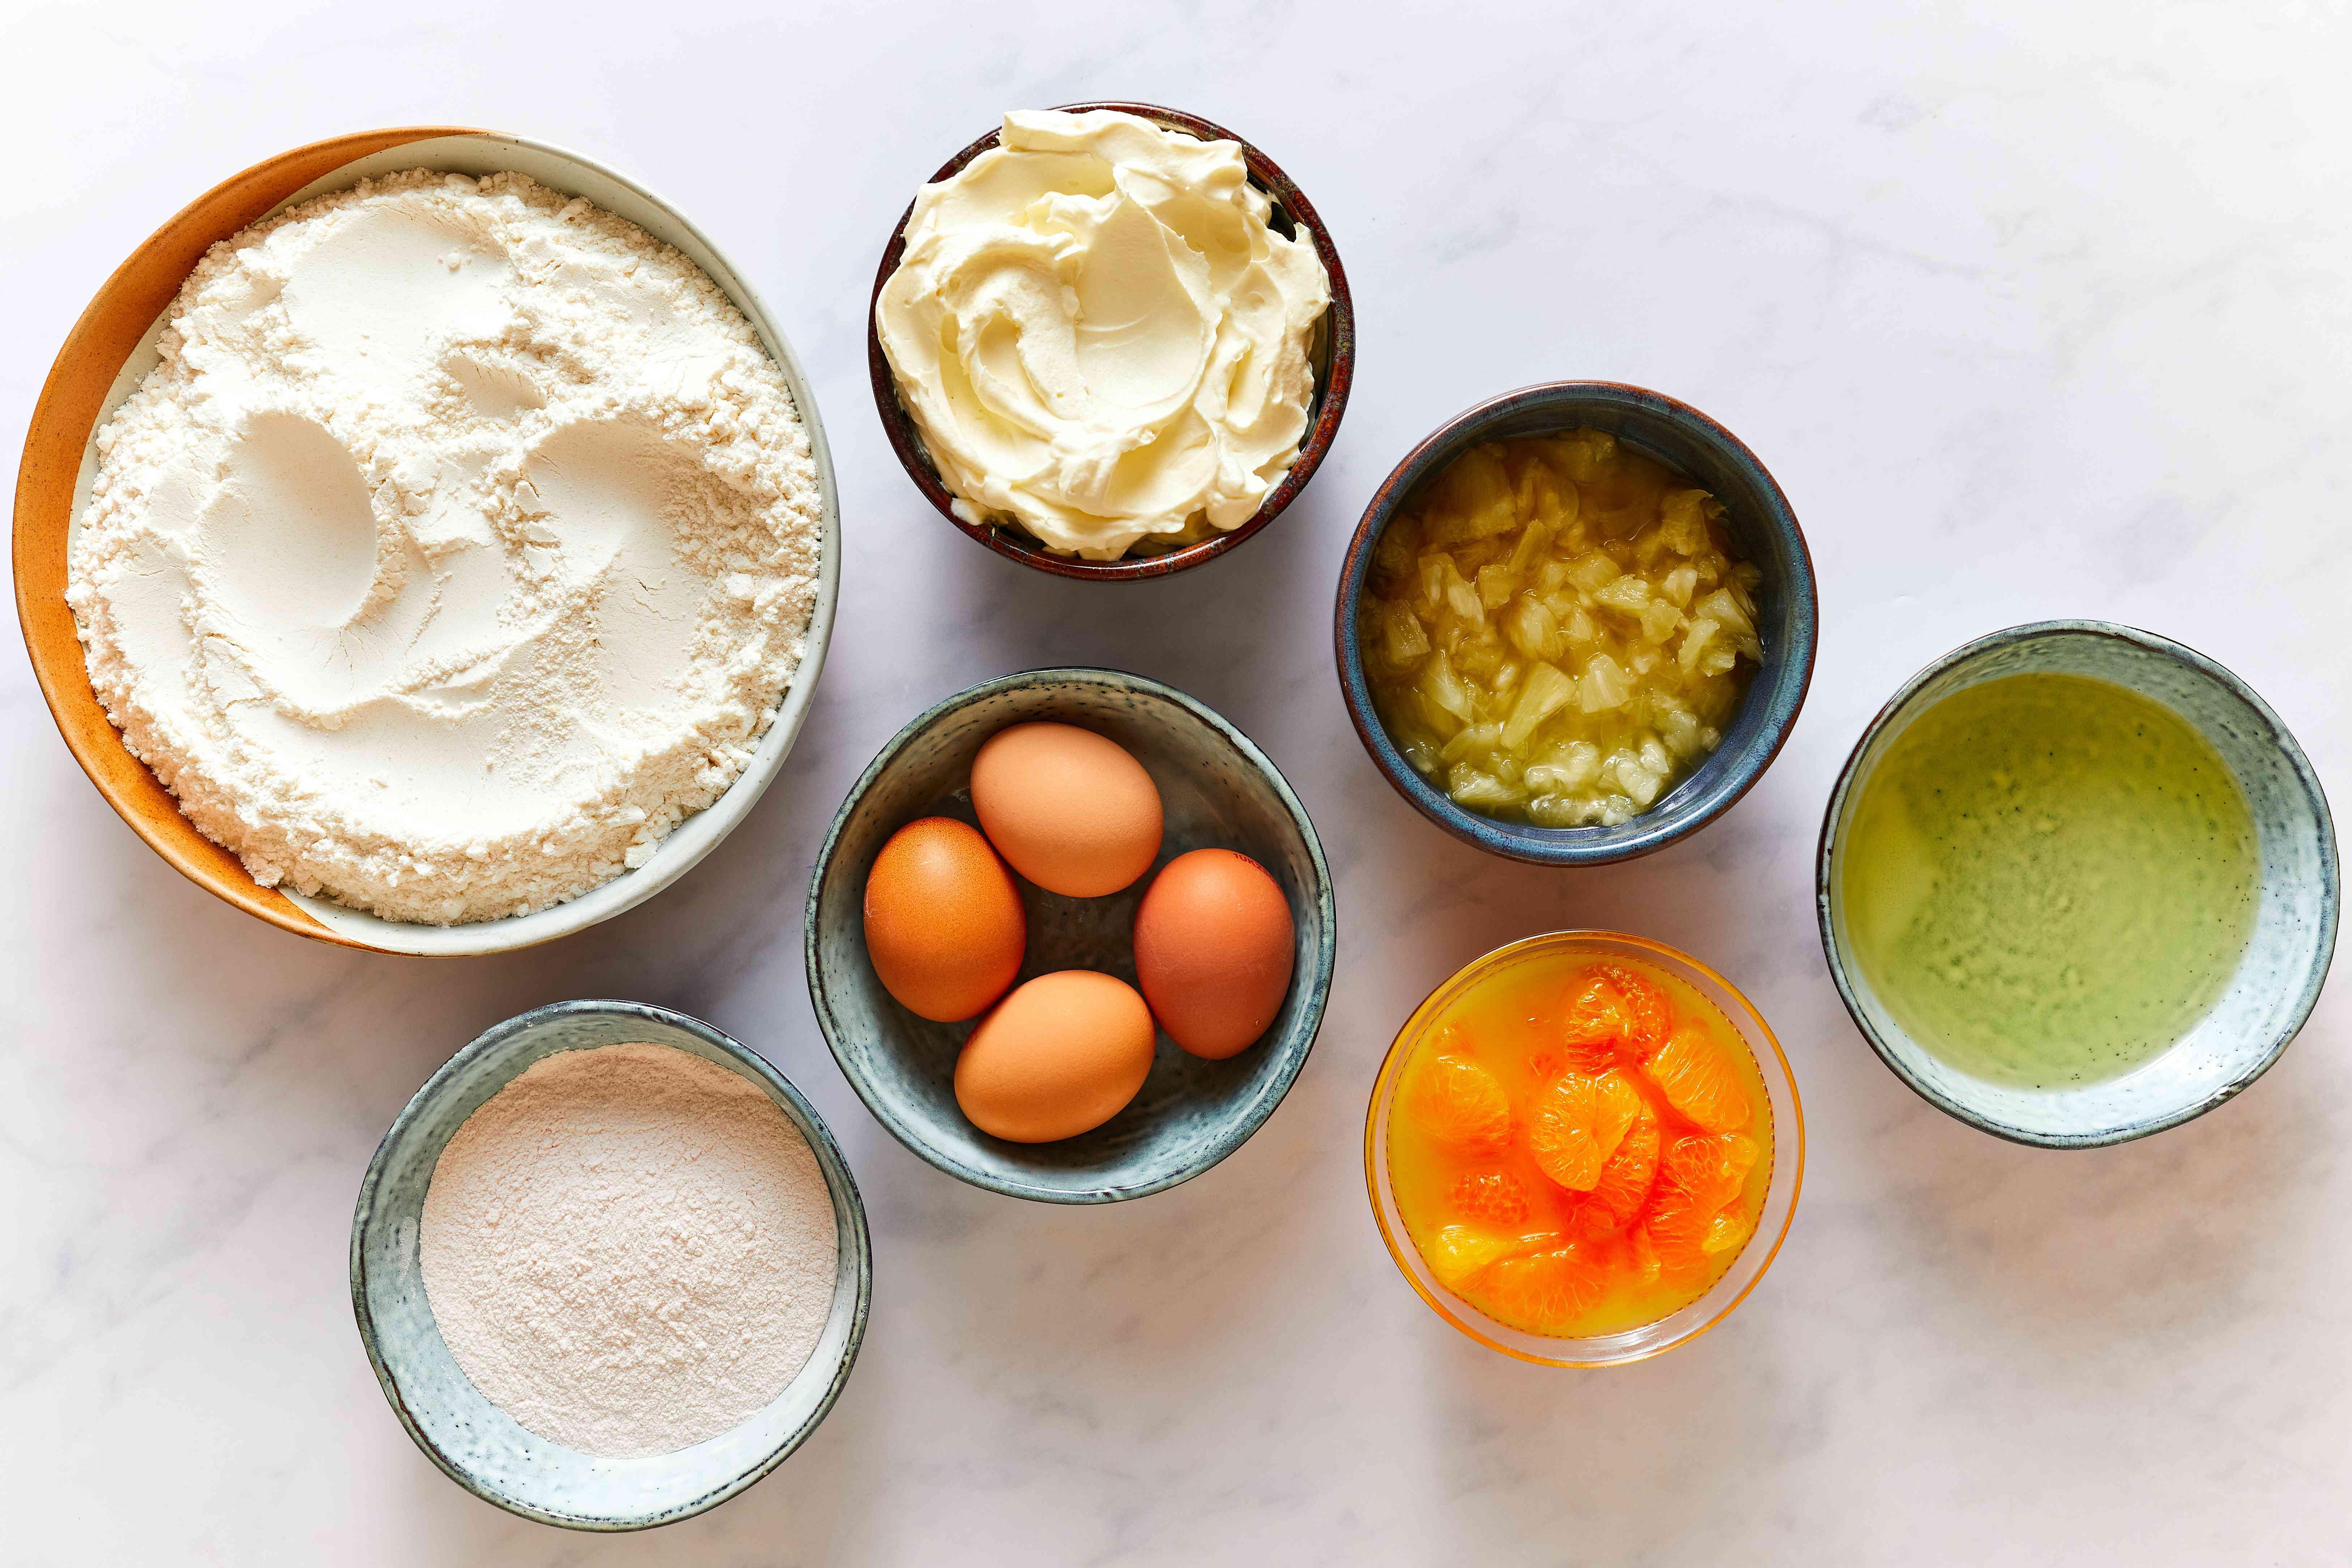 Southern Mandarin Orange Cake ingredients